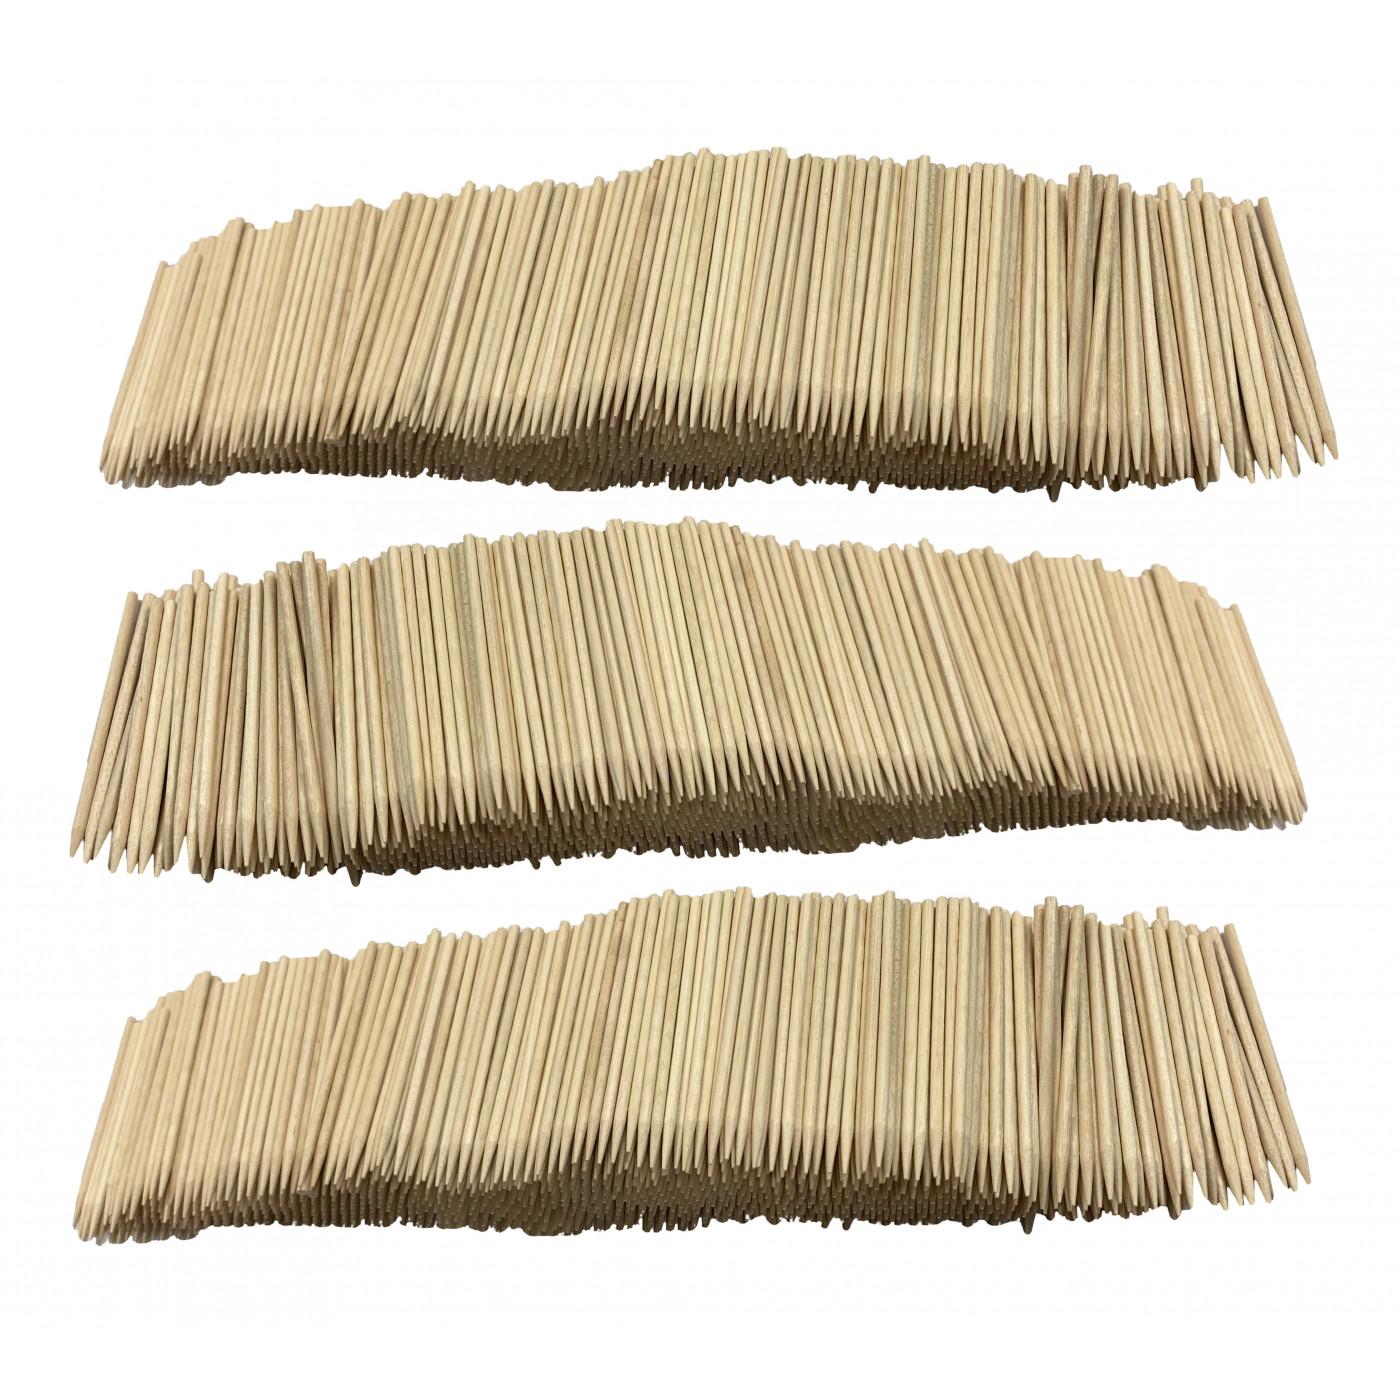 Set van 3000 houten stokjes (2.5 mm x 7 cm)  - 1